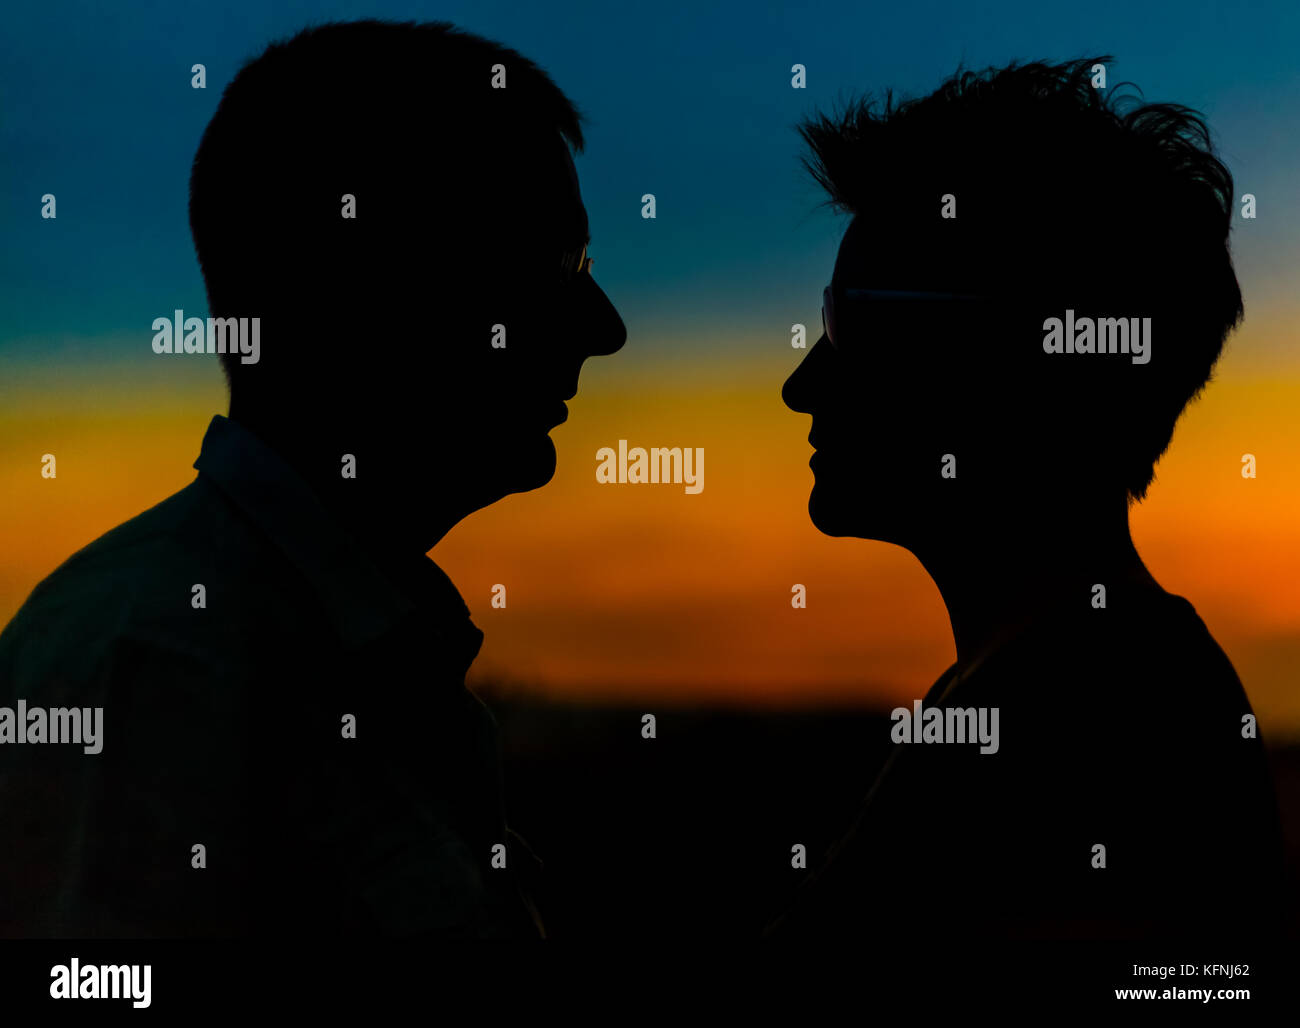 Silhouette Paar gegen Sonnenuntergang - Stock Image